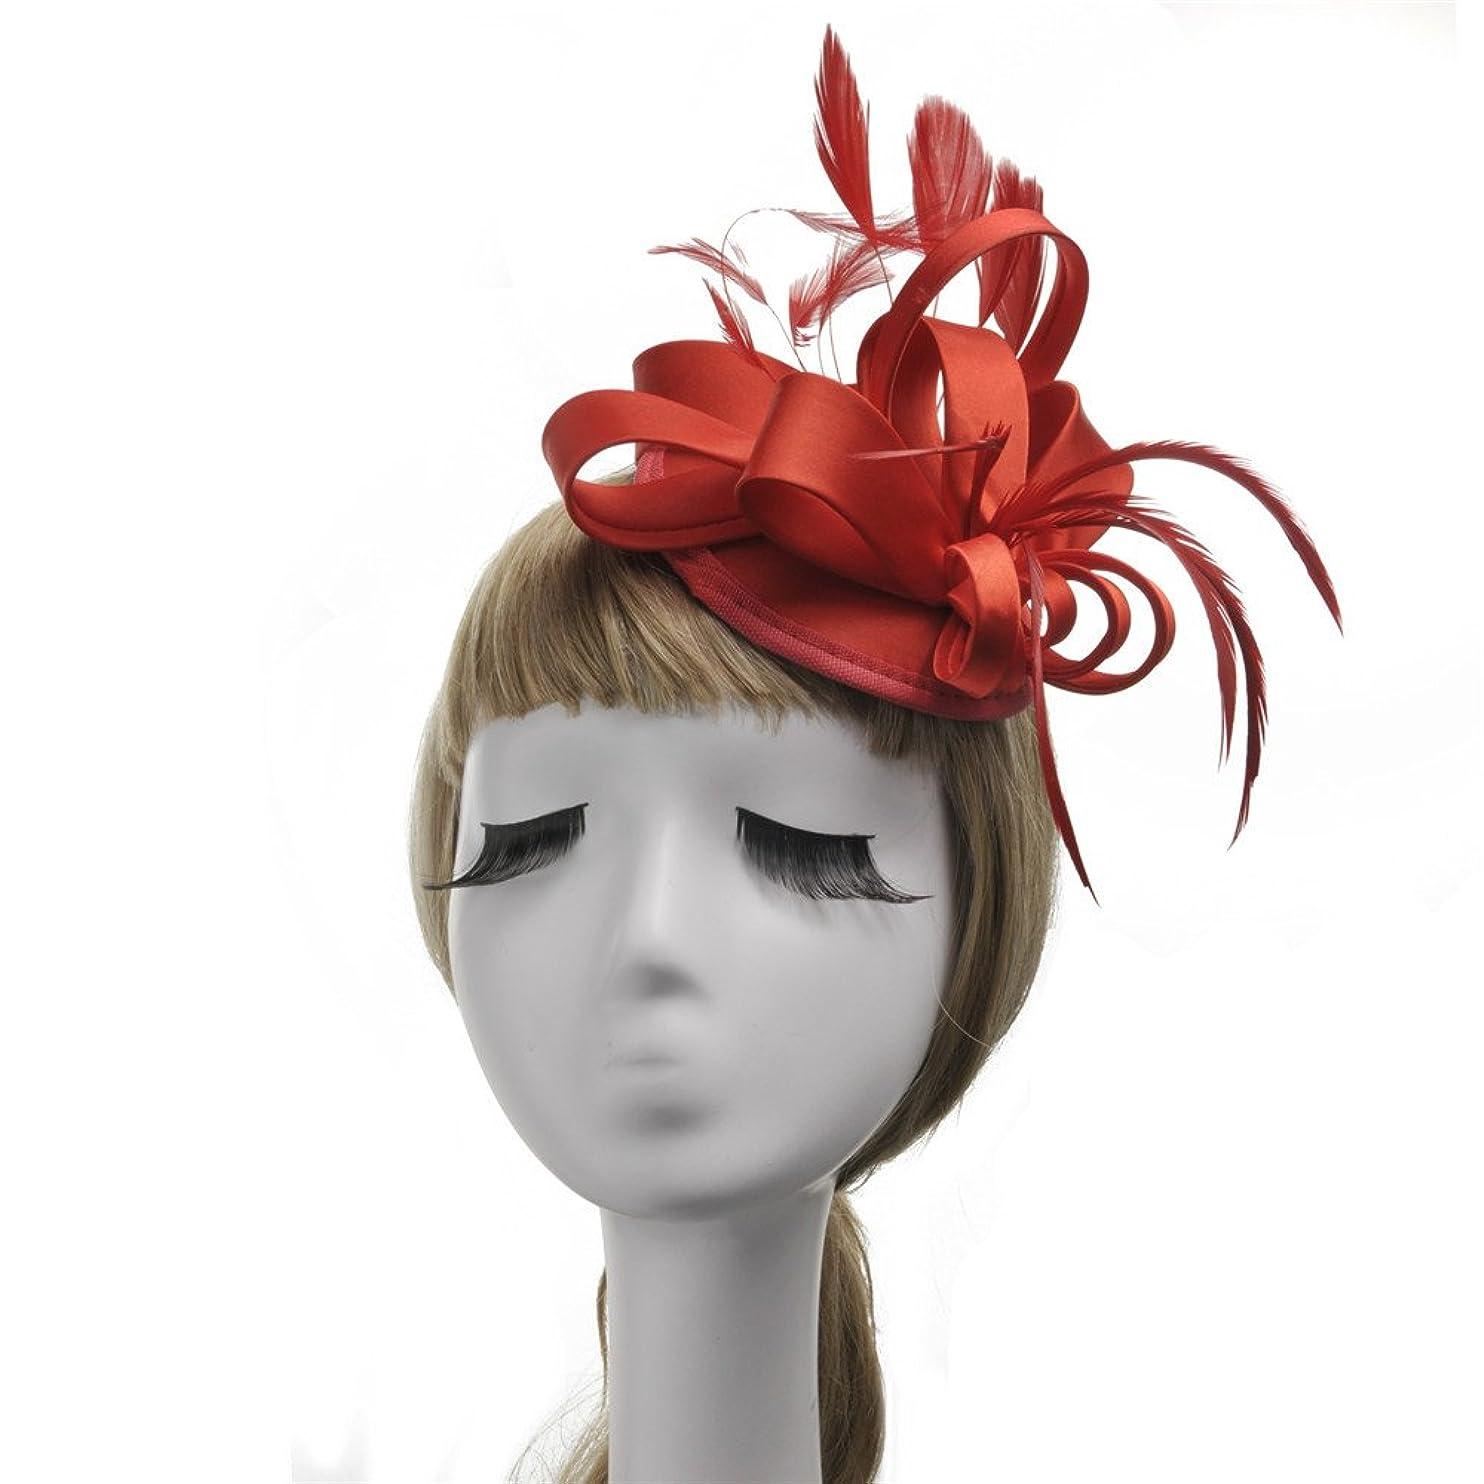 優しいにんじん送料女性の魅力的な帽子 女性のヴィンテージ魅惑的なカクテルティーパーティー帽子羽花ヘアピンヘッドドレス花花嫁パーティーウェディング (色 : 青)